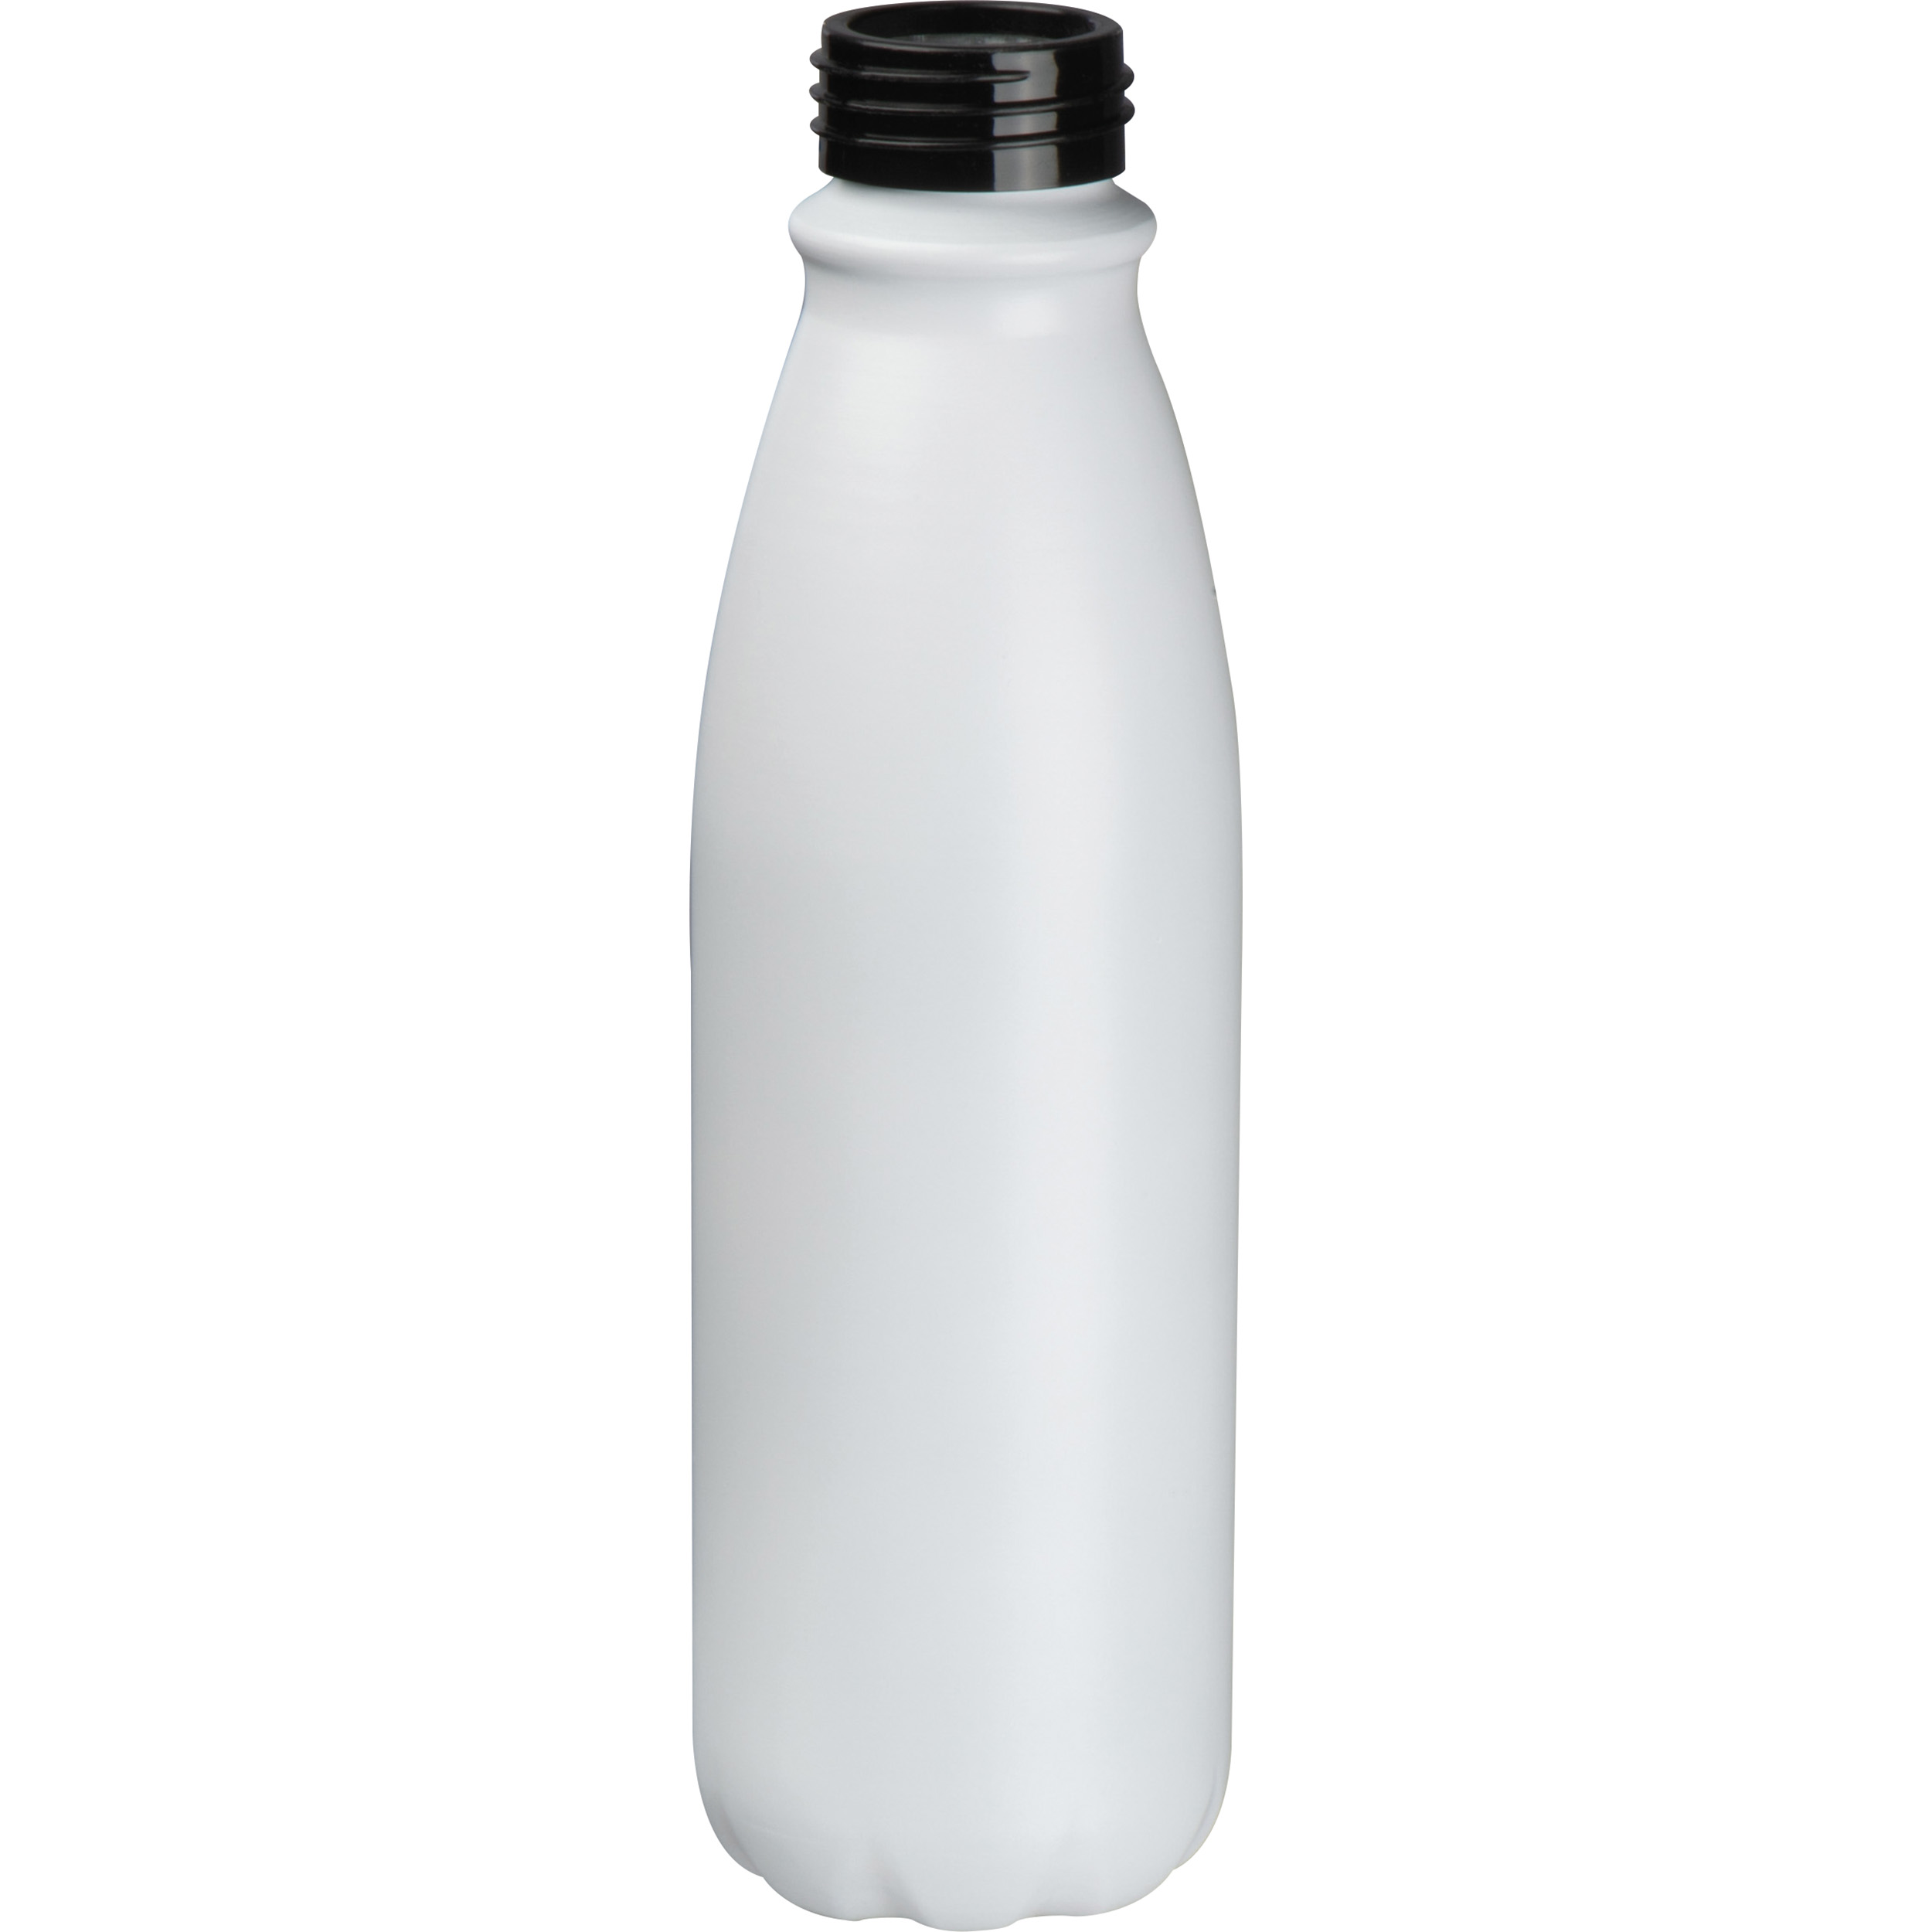 Gourde en aluminium d'une capacité de 600 ml